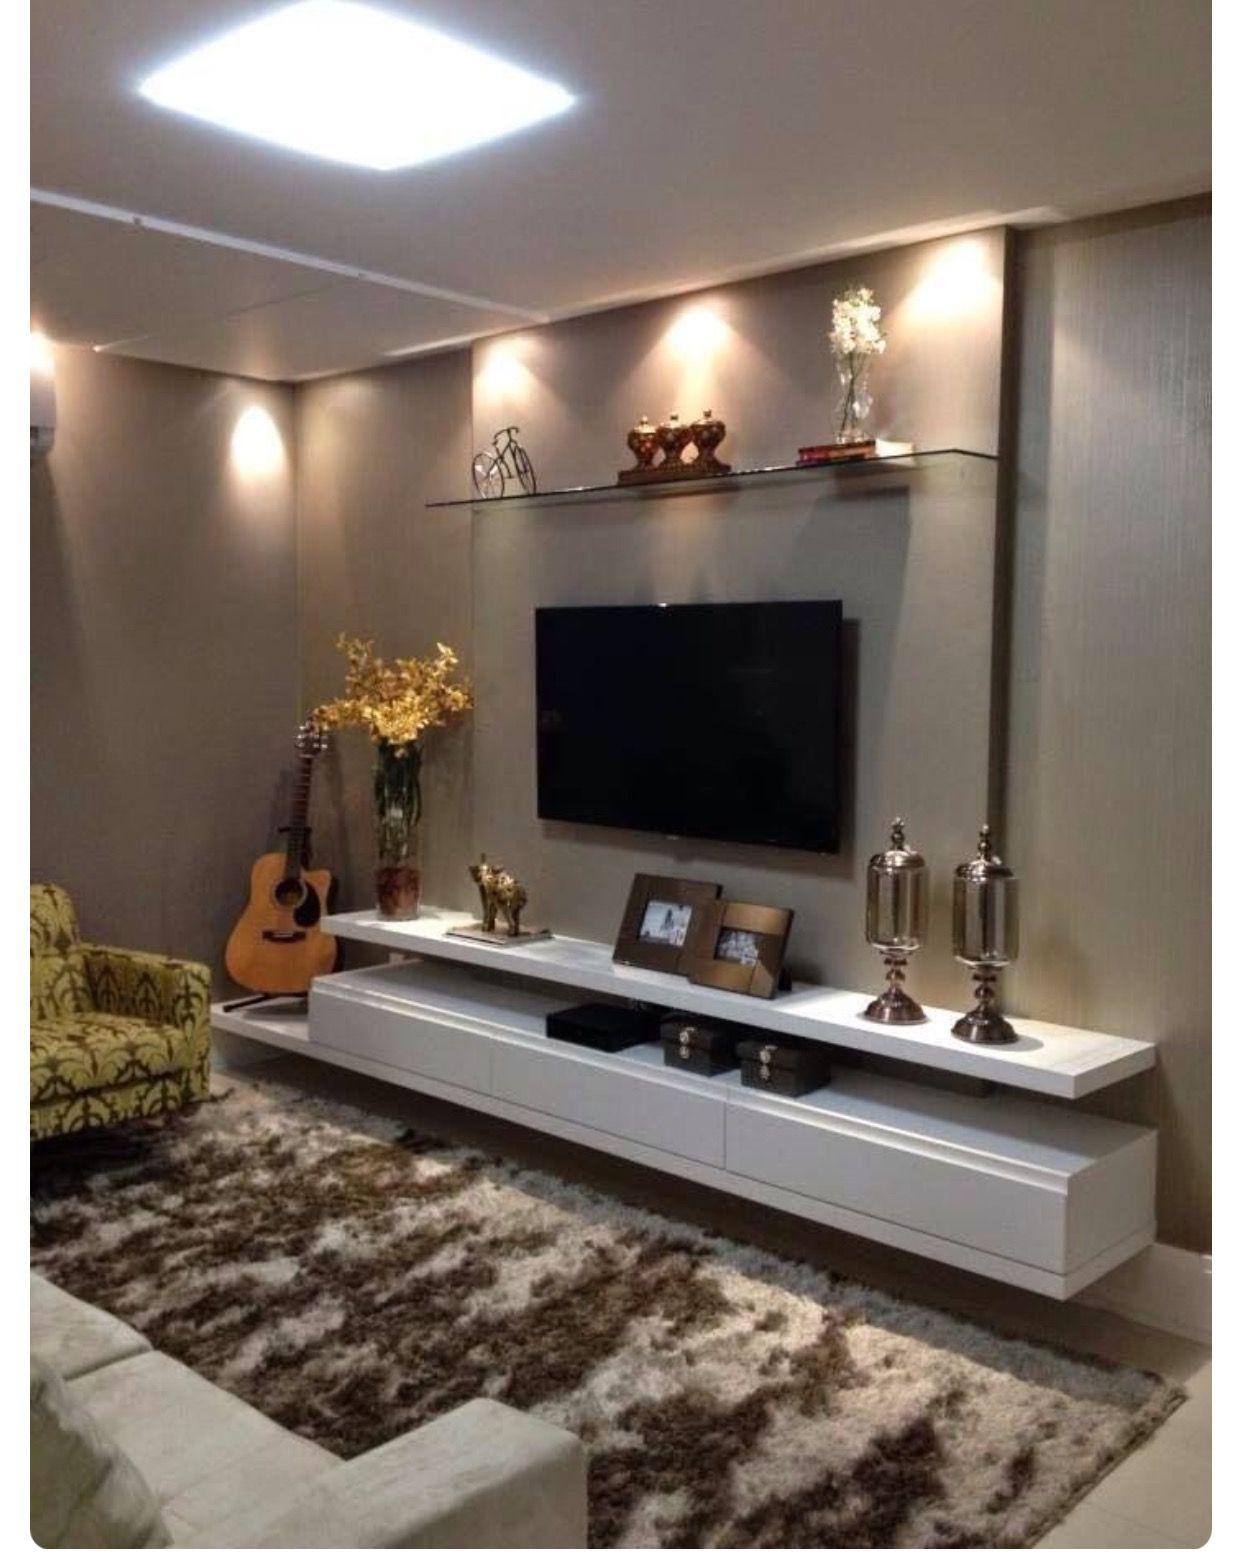 pin von christine auf dekoration pinterest moderne wohnzimmer wohnw nde und wohnideen. Black Bedroom Furniture Sets. Home Design Ideas